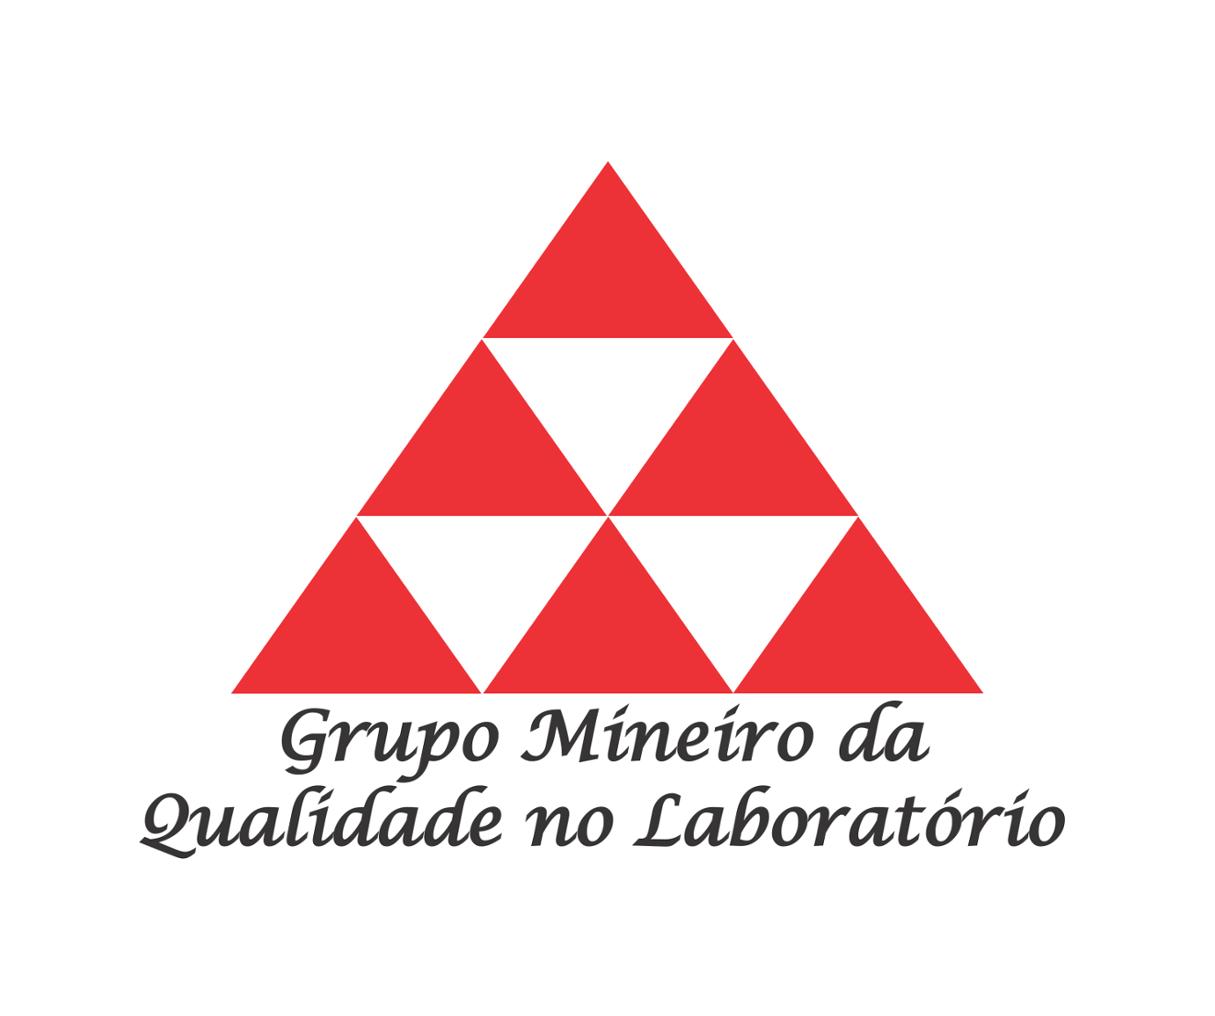 Qualidade no laboratório